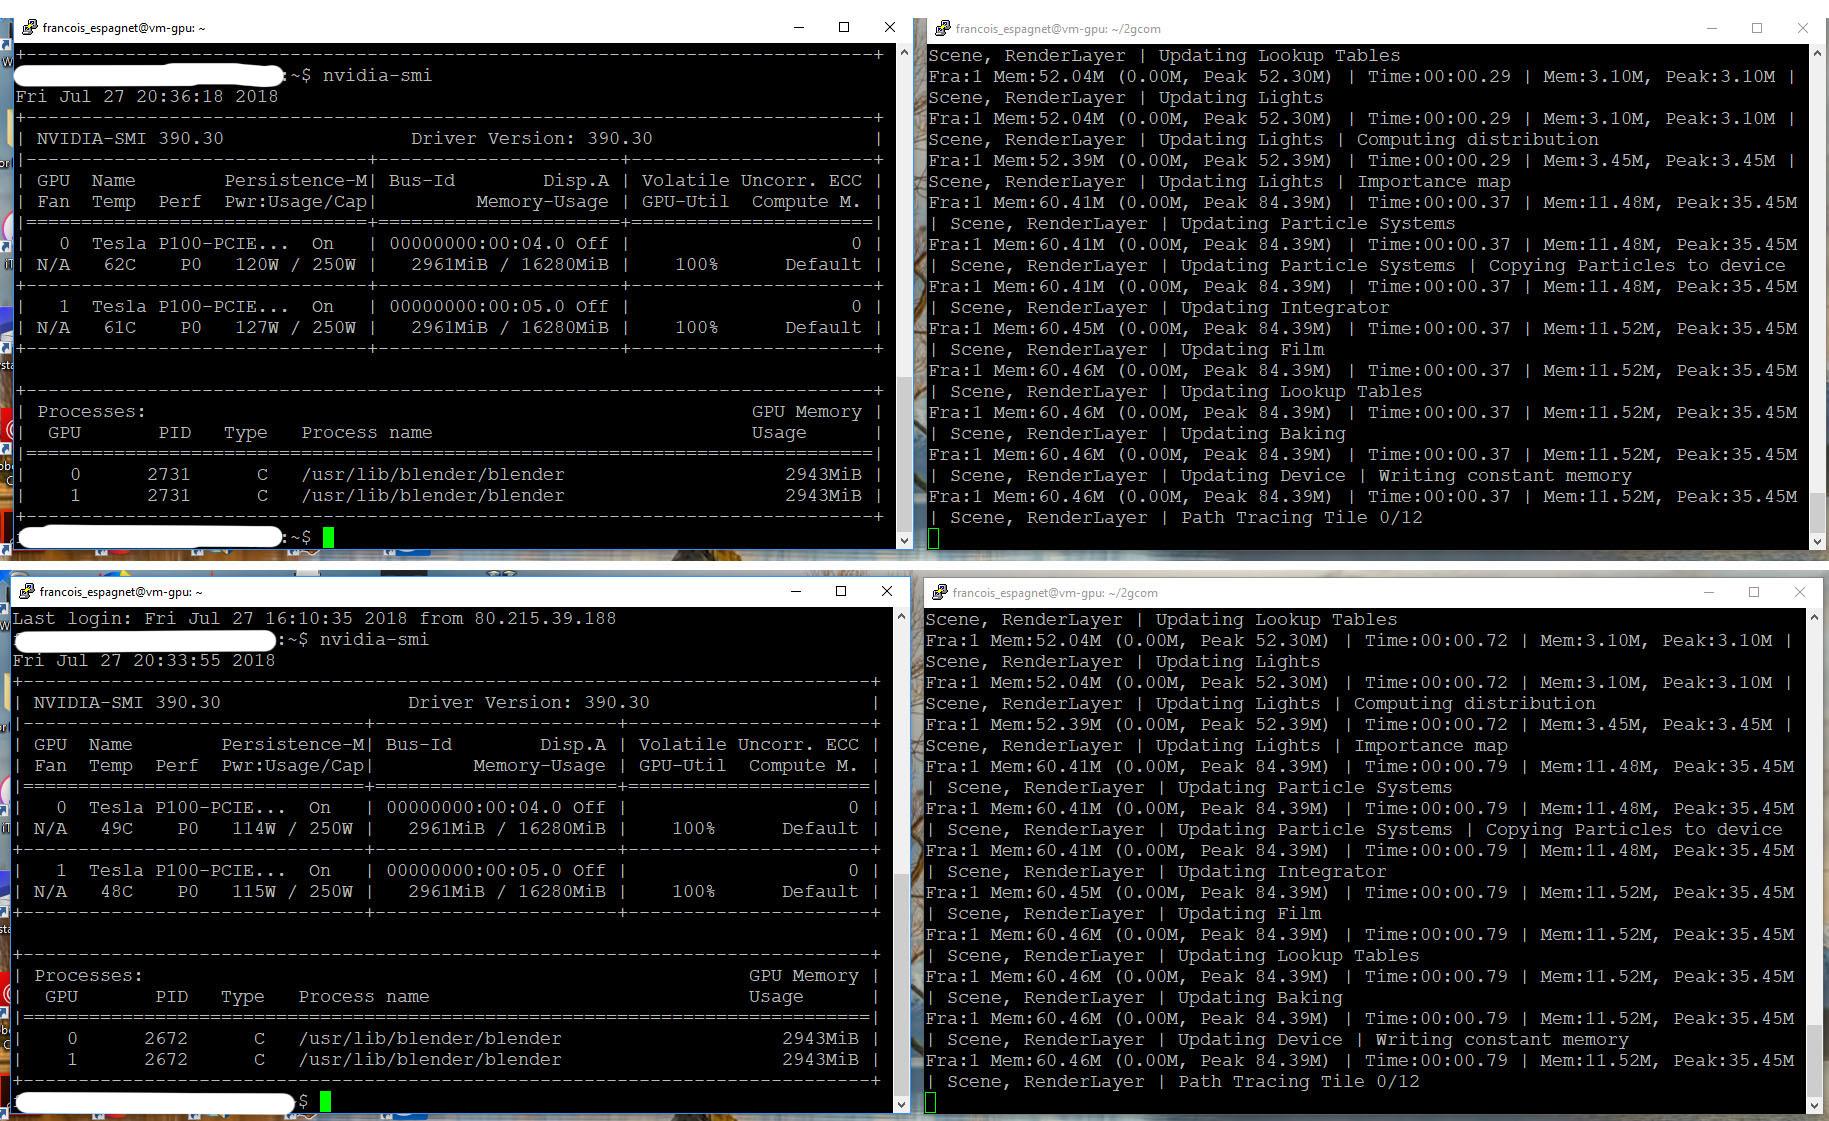 Render GPU V S  CPU on Google Cloud - Technical Support - Blender